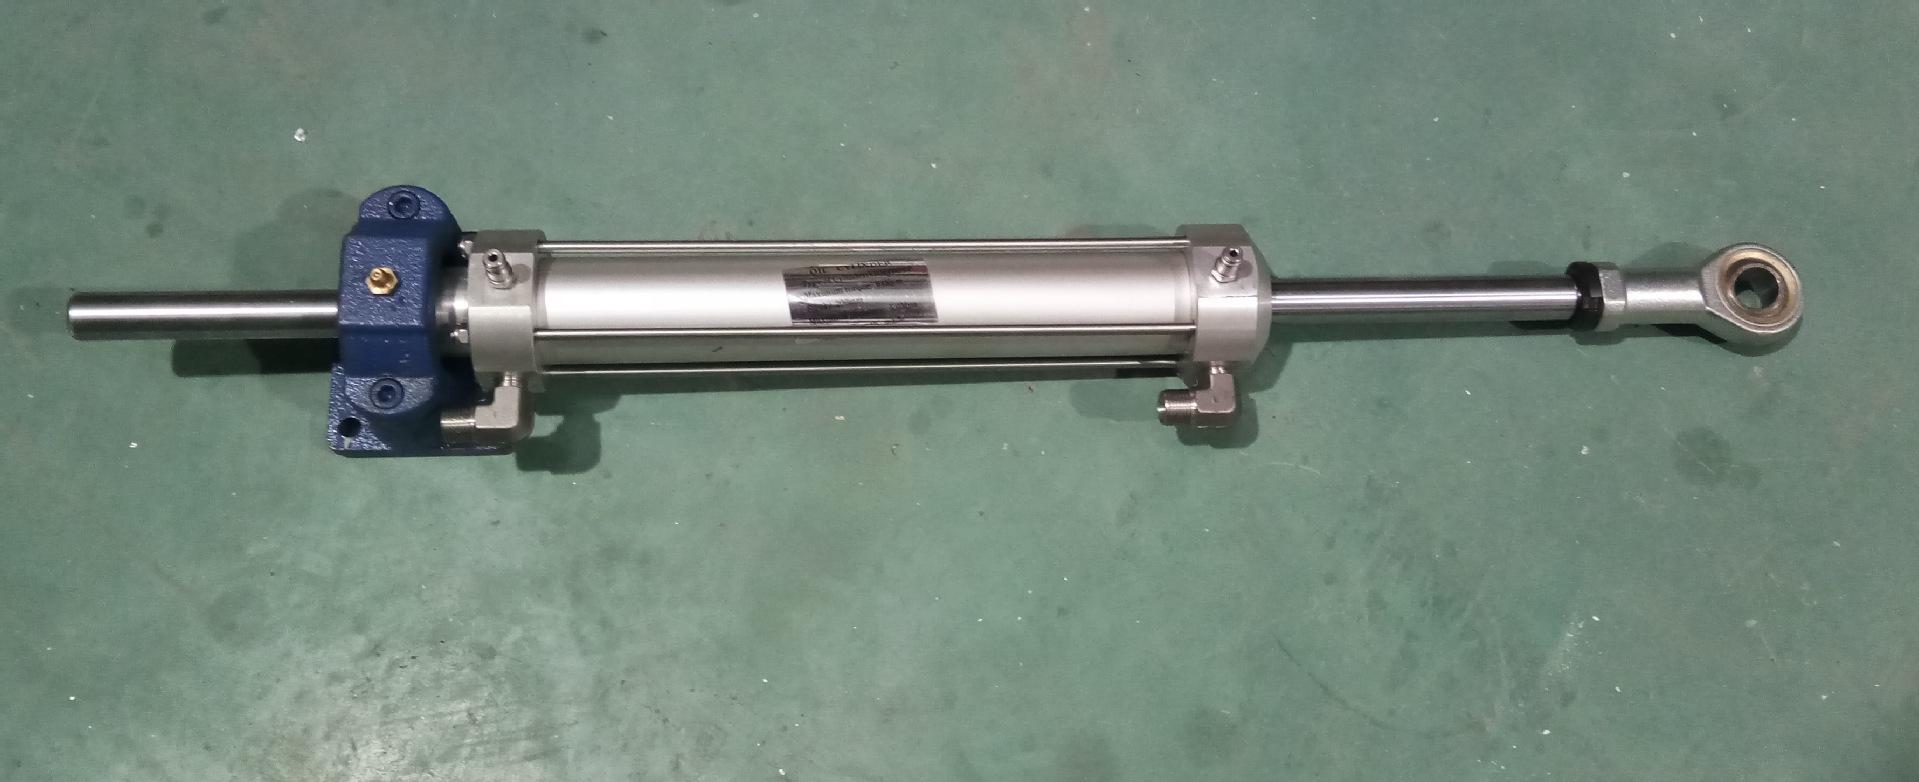 菏泽海明斯液压机电设备有限公司 加工定制 是 品牌 海明斯 型号 cg图片